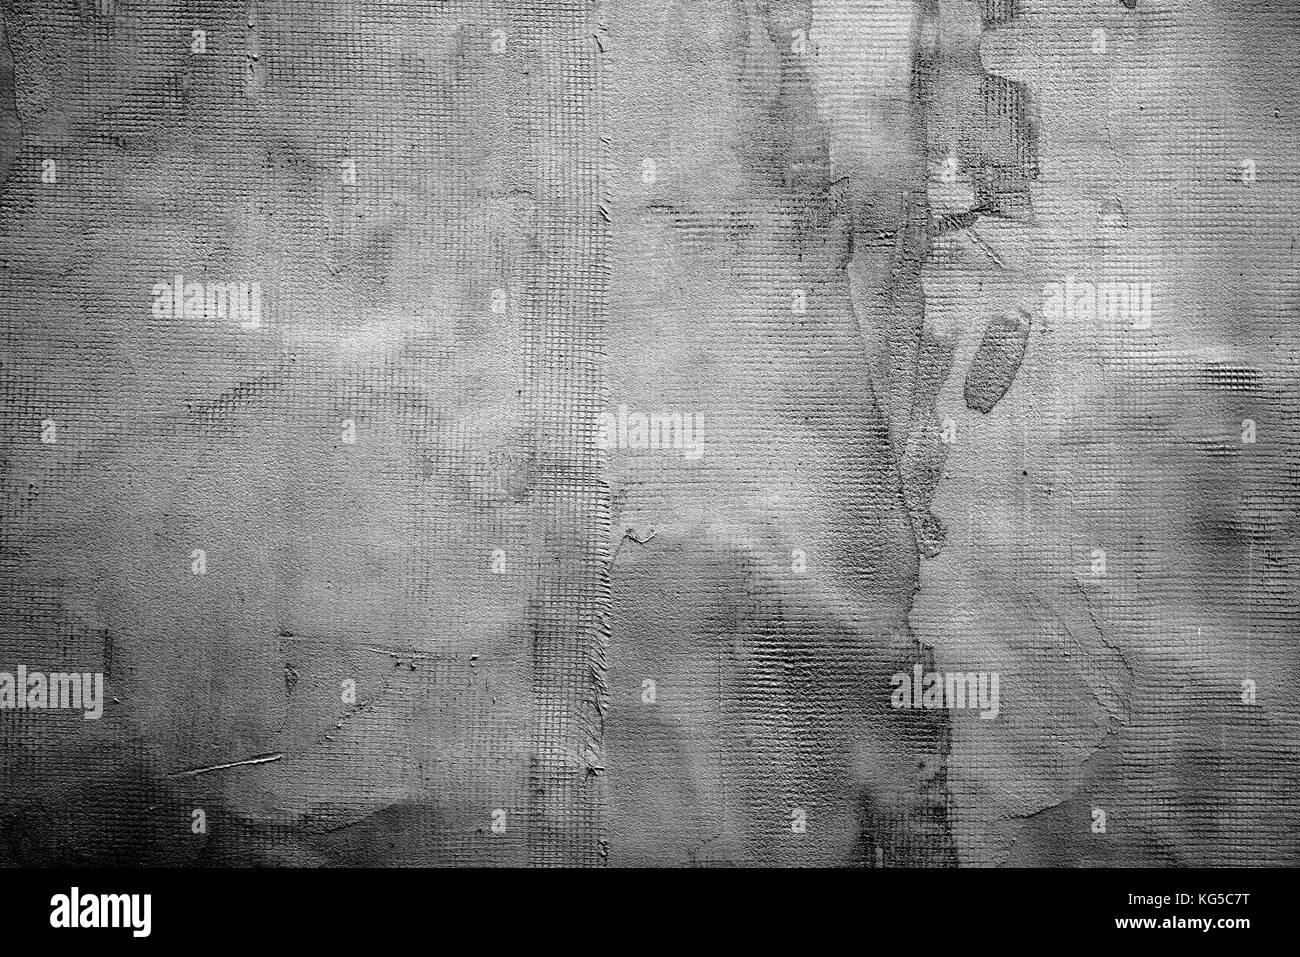 Abstract grigio scuro texture intonaco della parete come sfondo foto